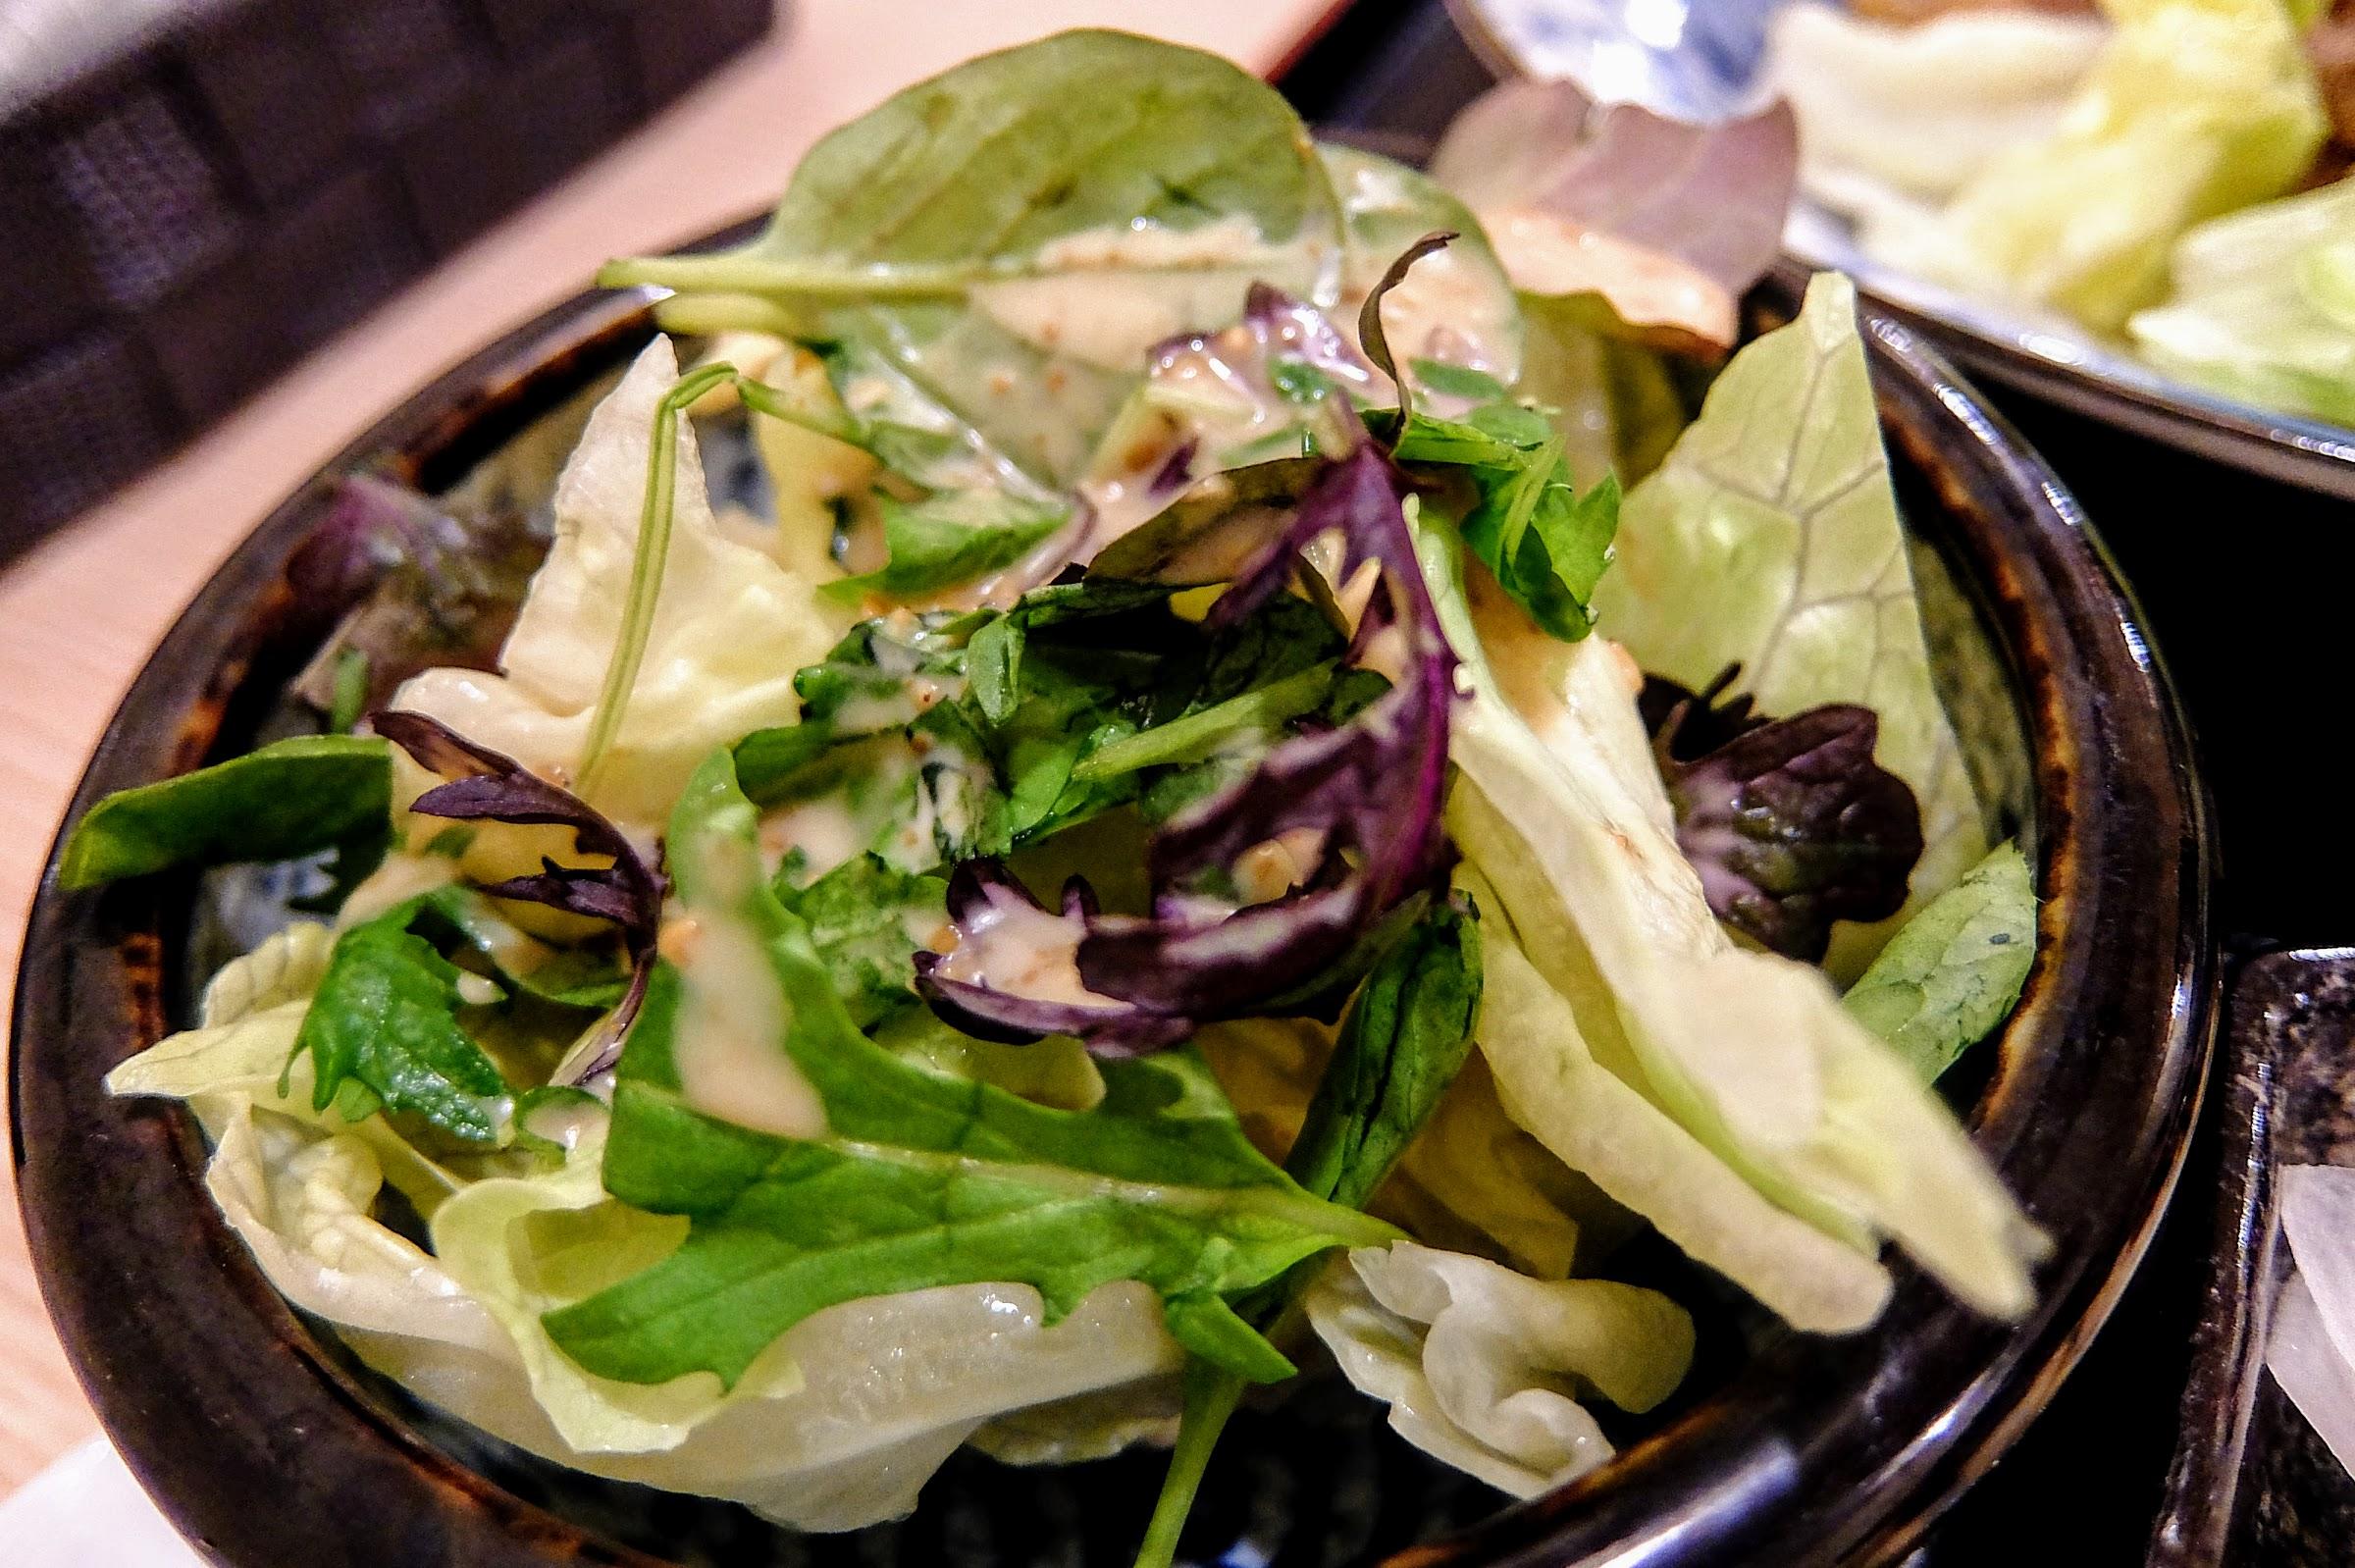 套餐內的生菜沙拉